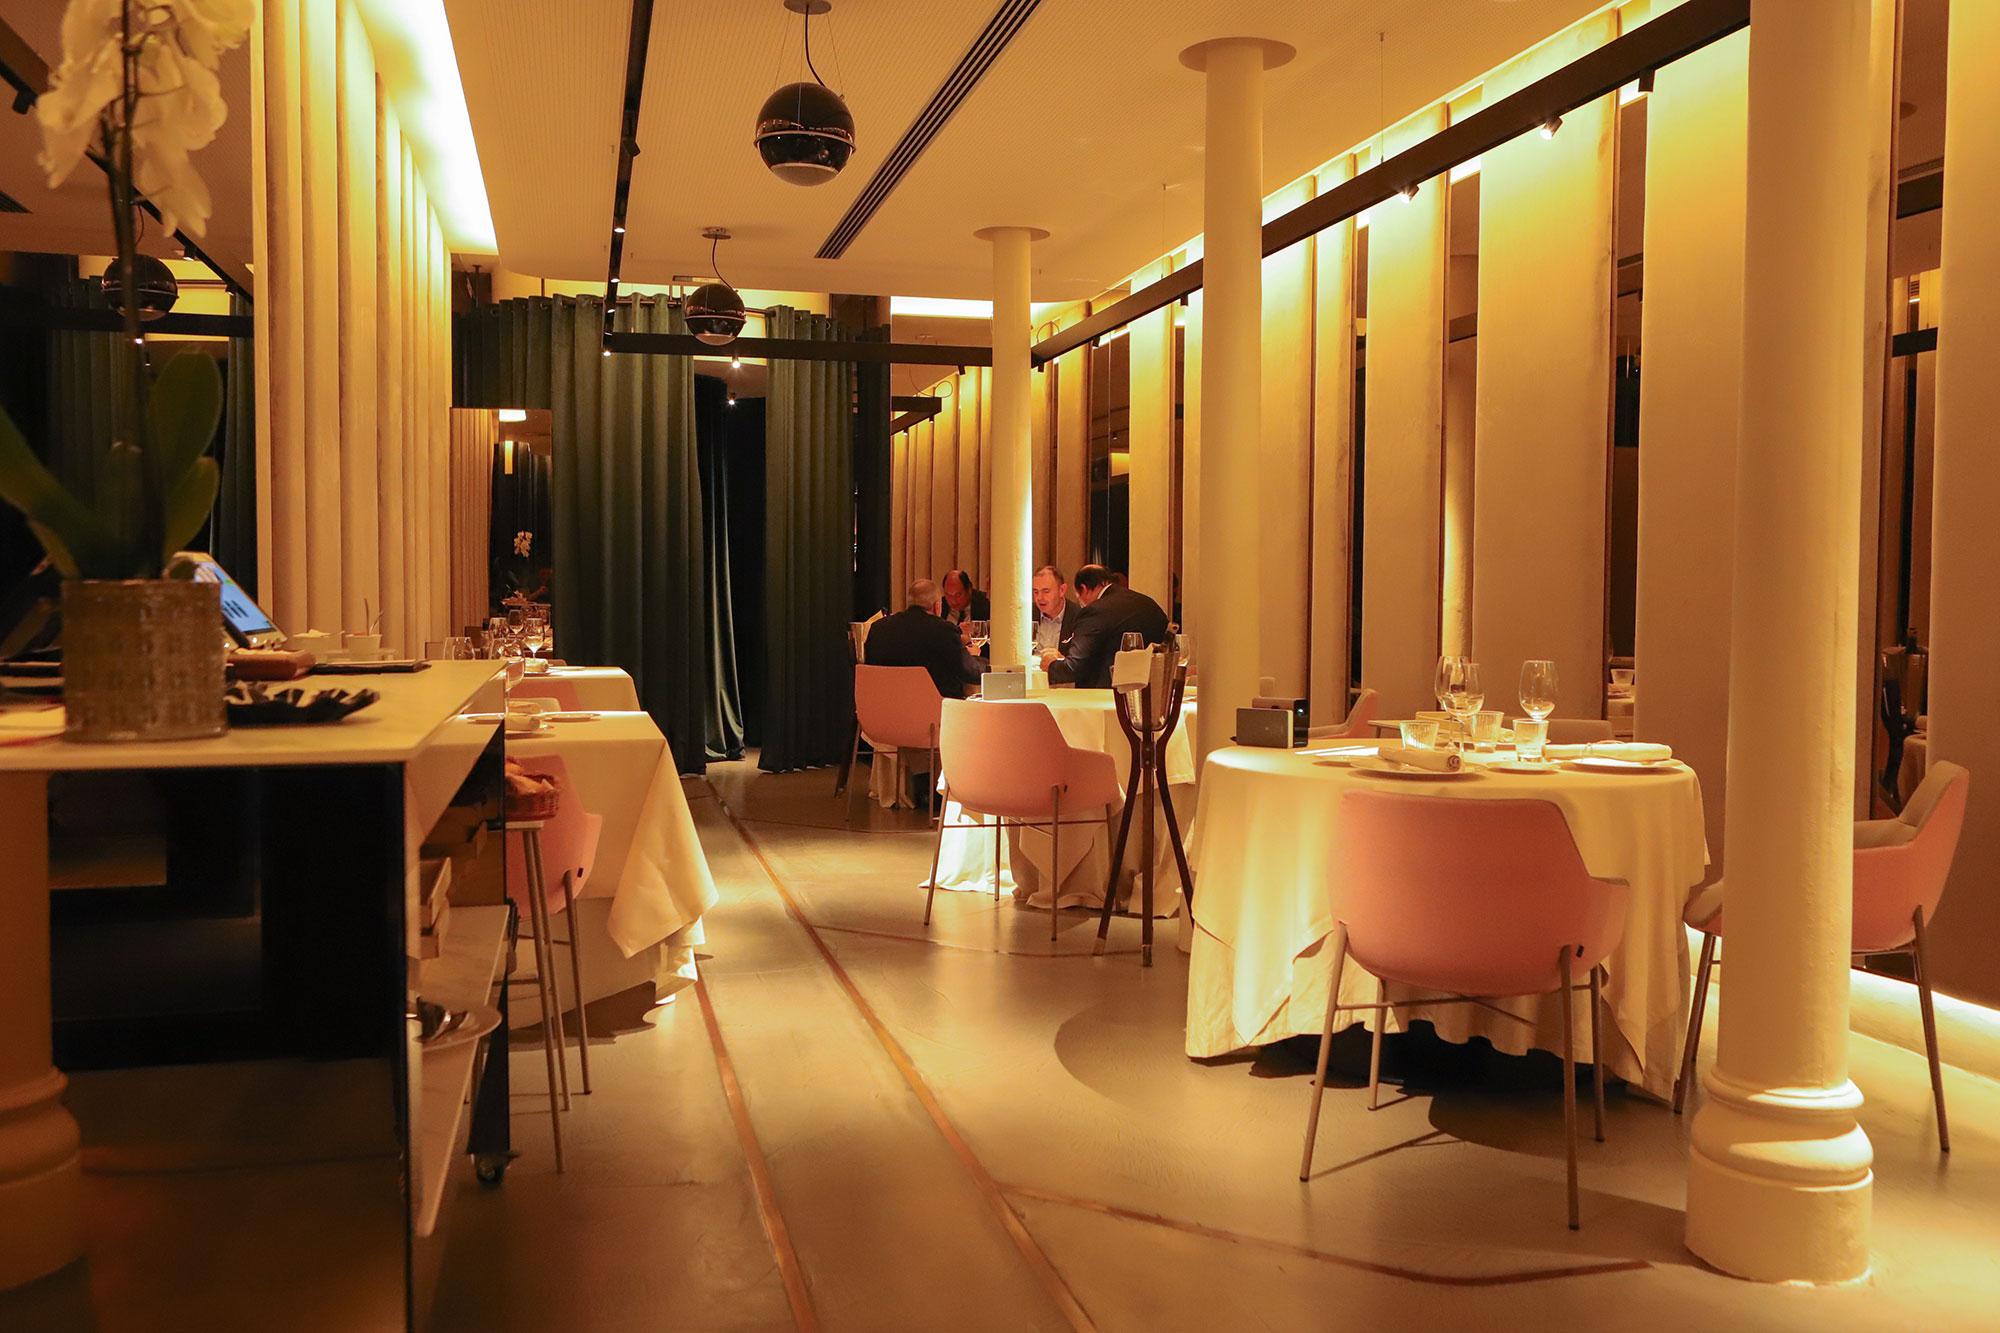 La sala del 'Atelier' tiene capacidad para unas 15 personas.